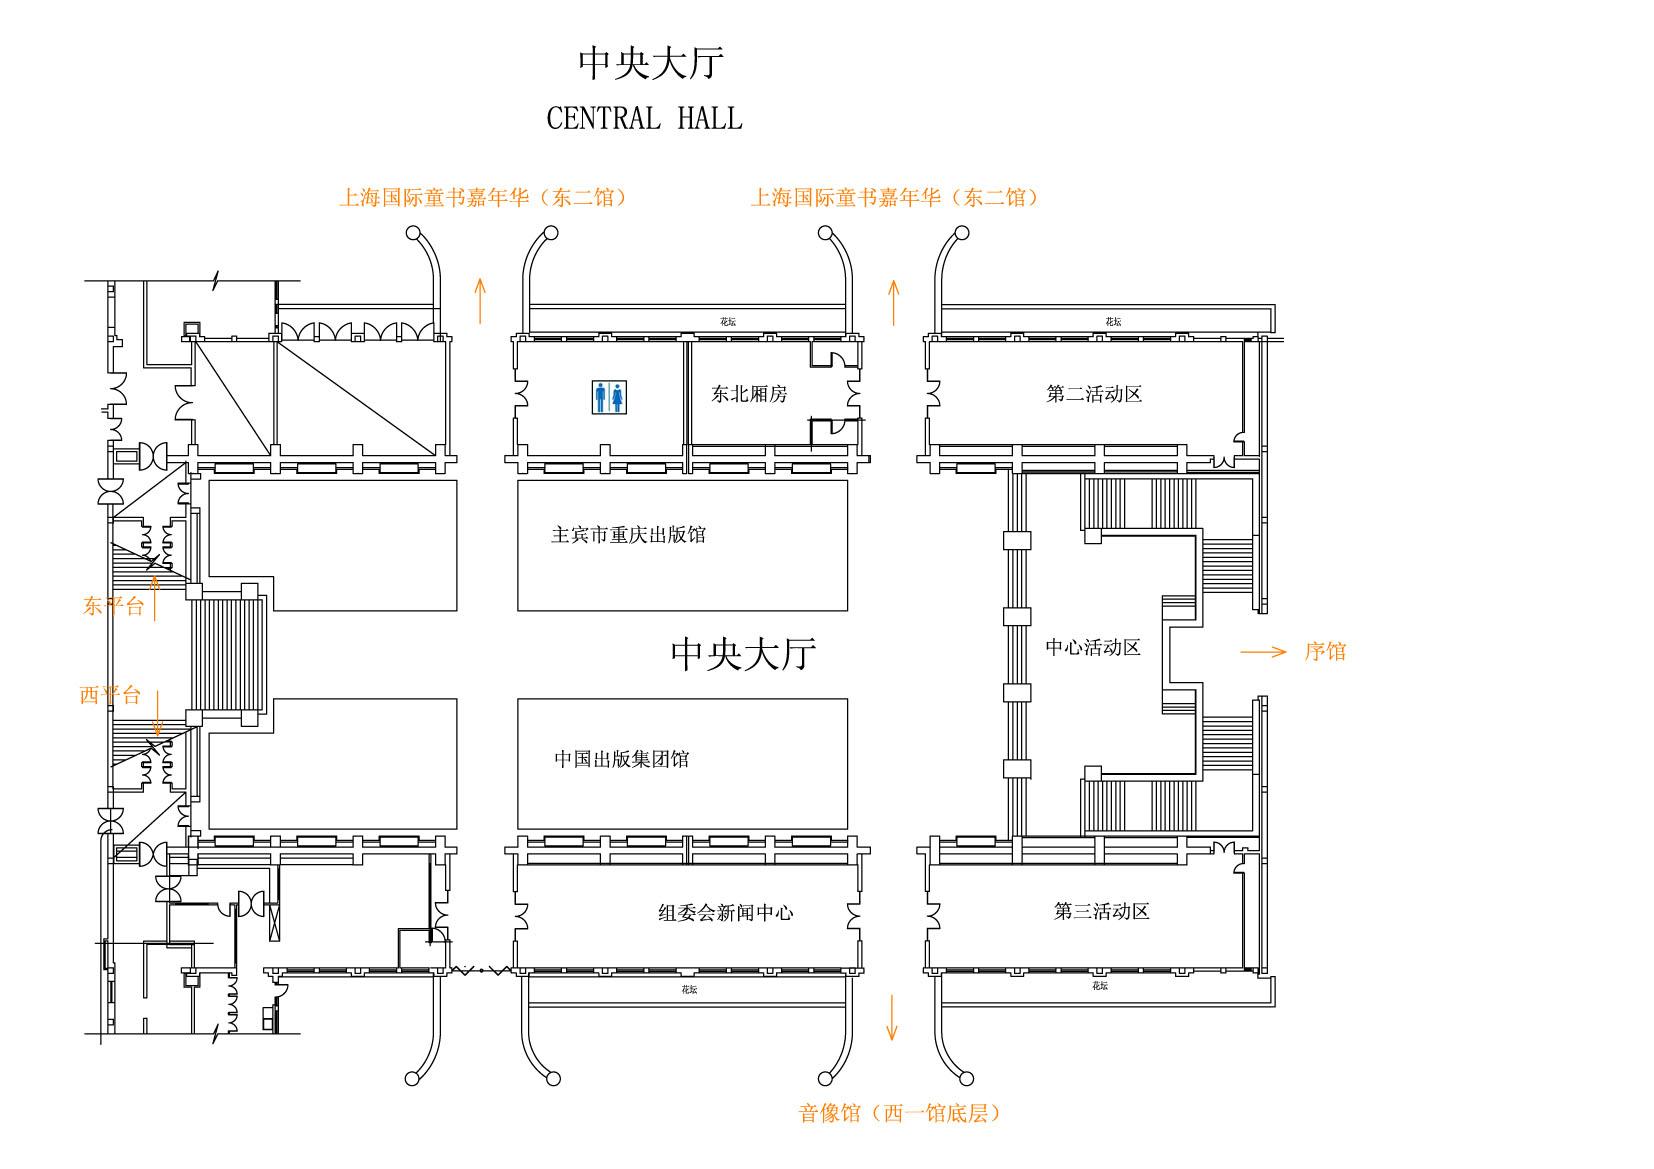 小型公司平面图; 展馆交通平面图; 展览馆平面图图片展示